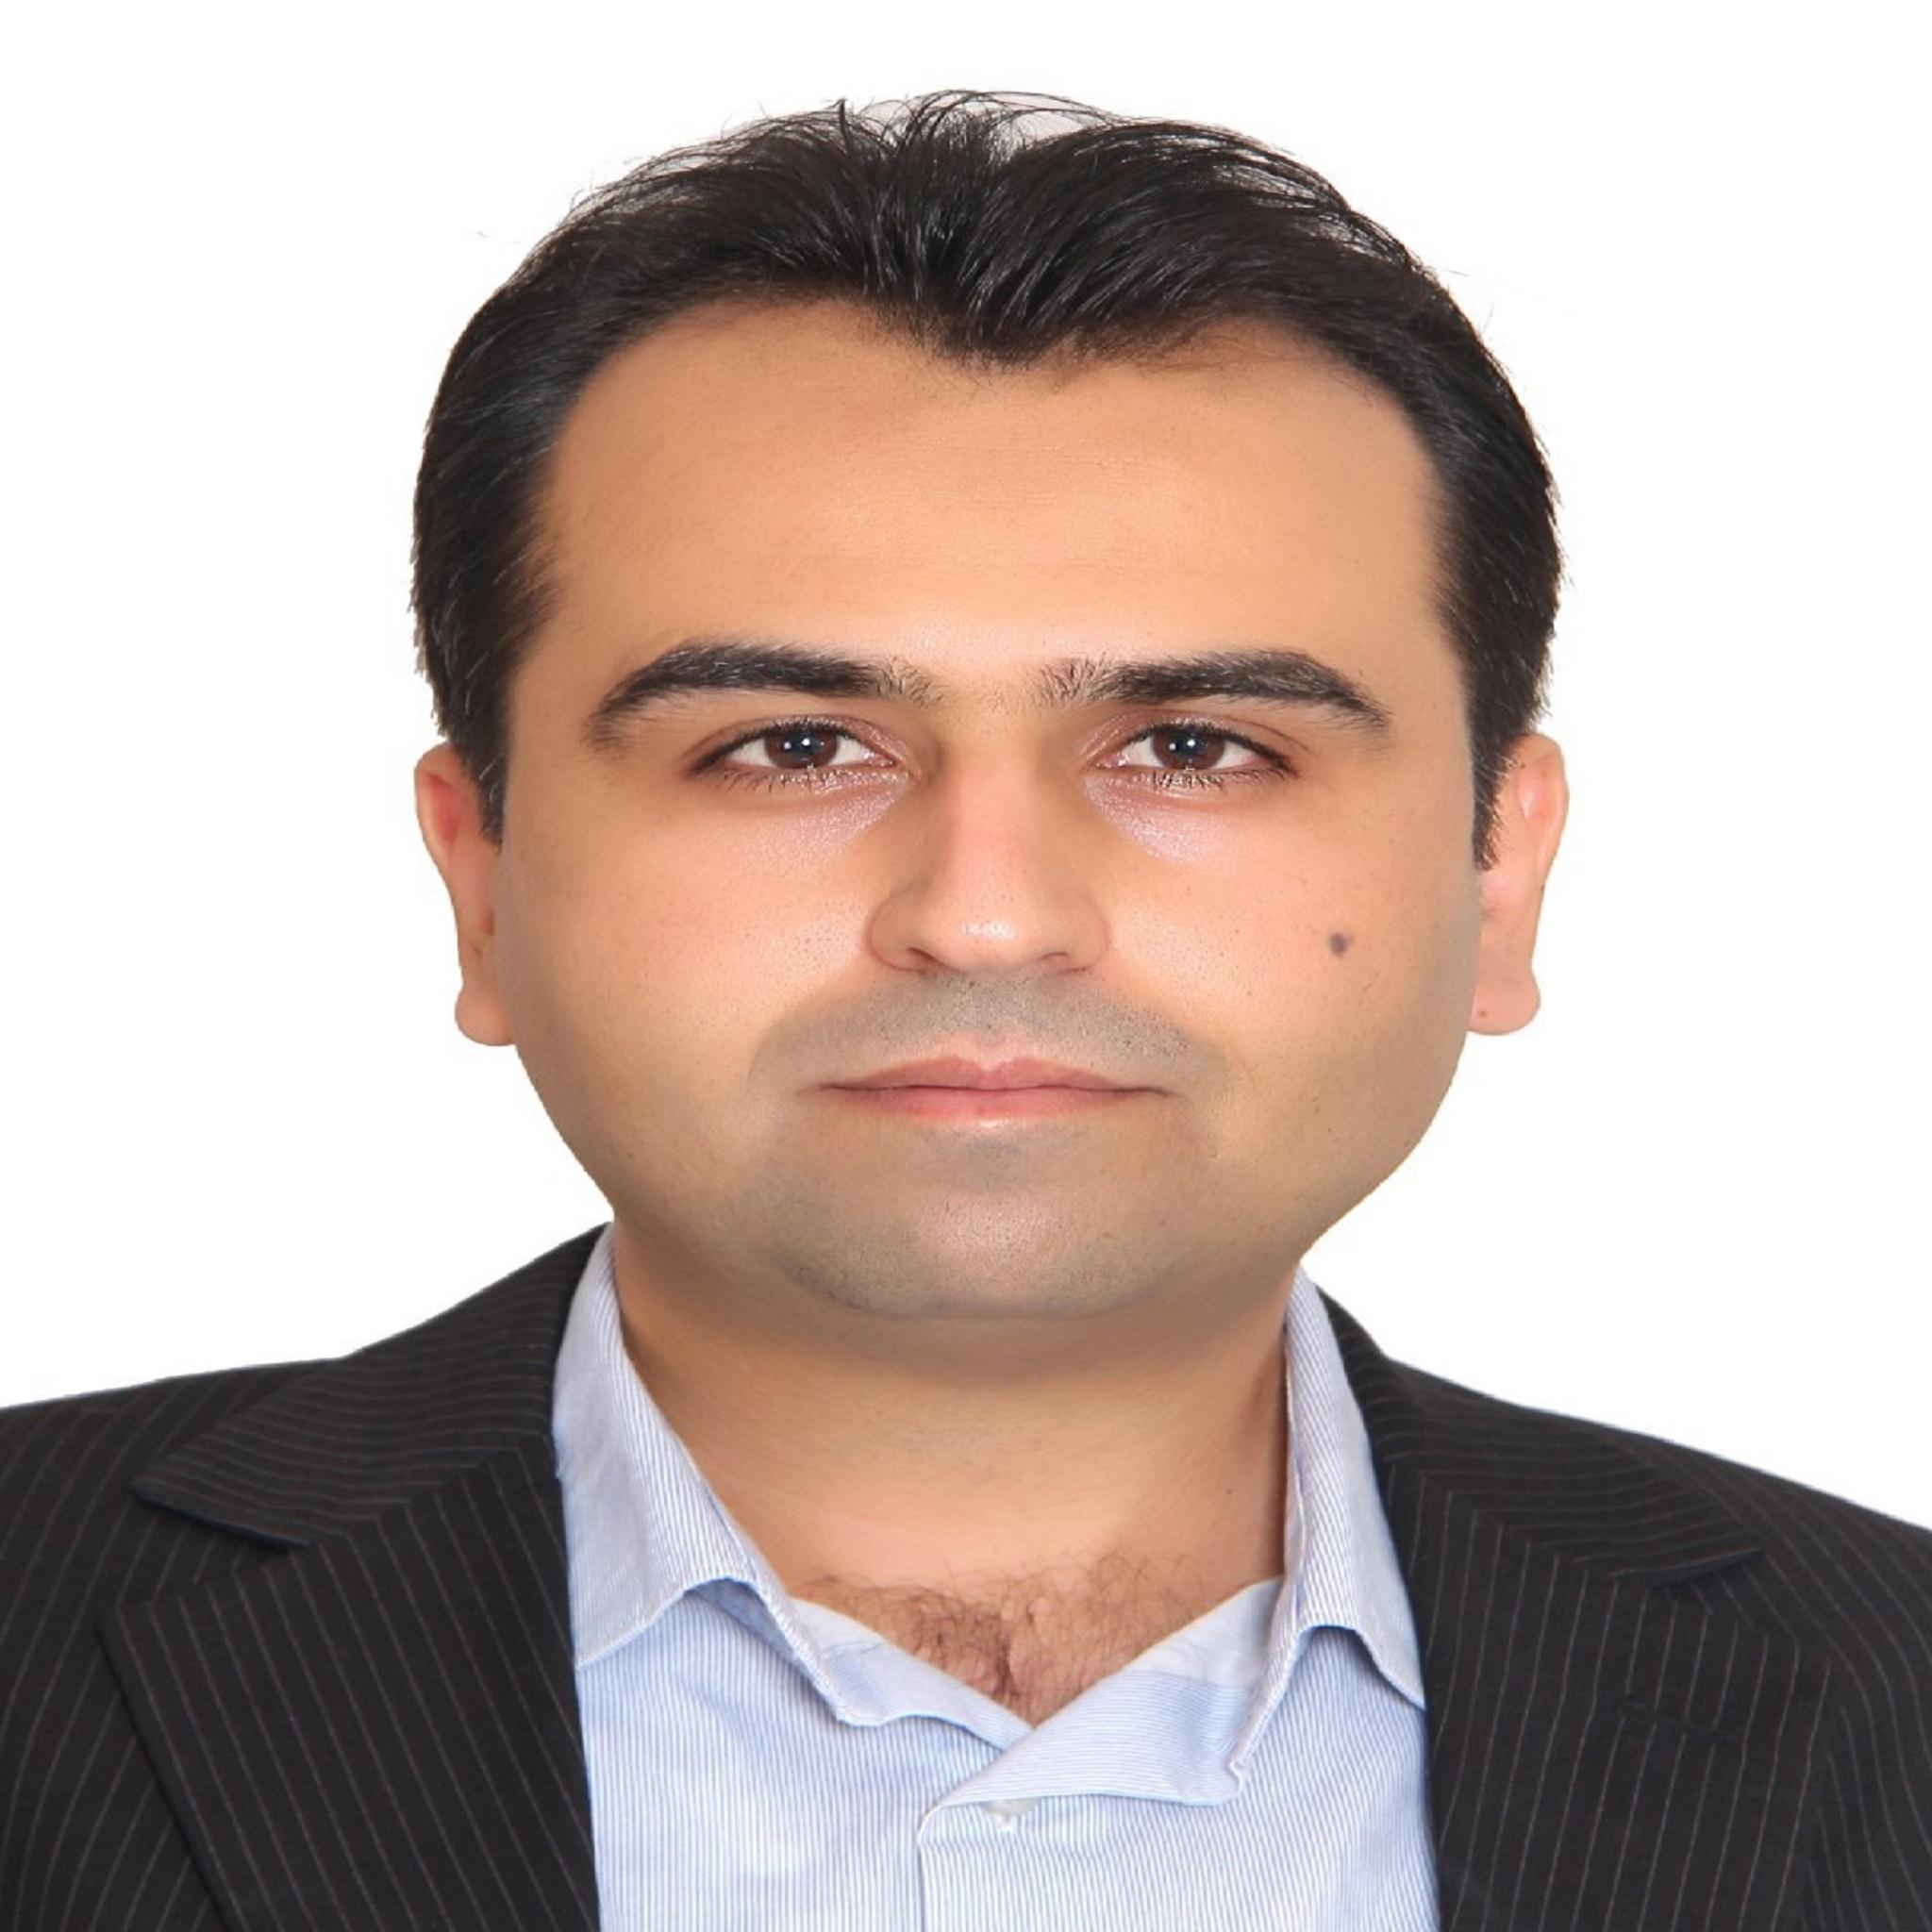 Hamid Reza Shahsavari